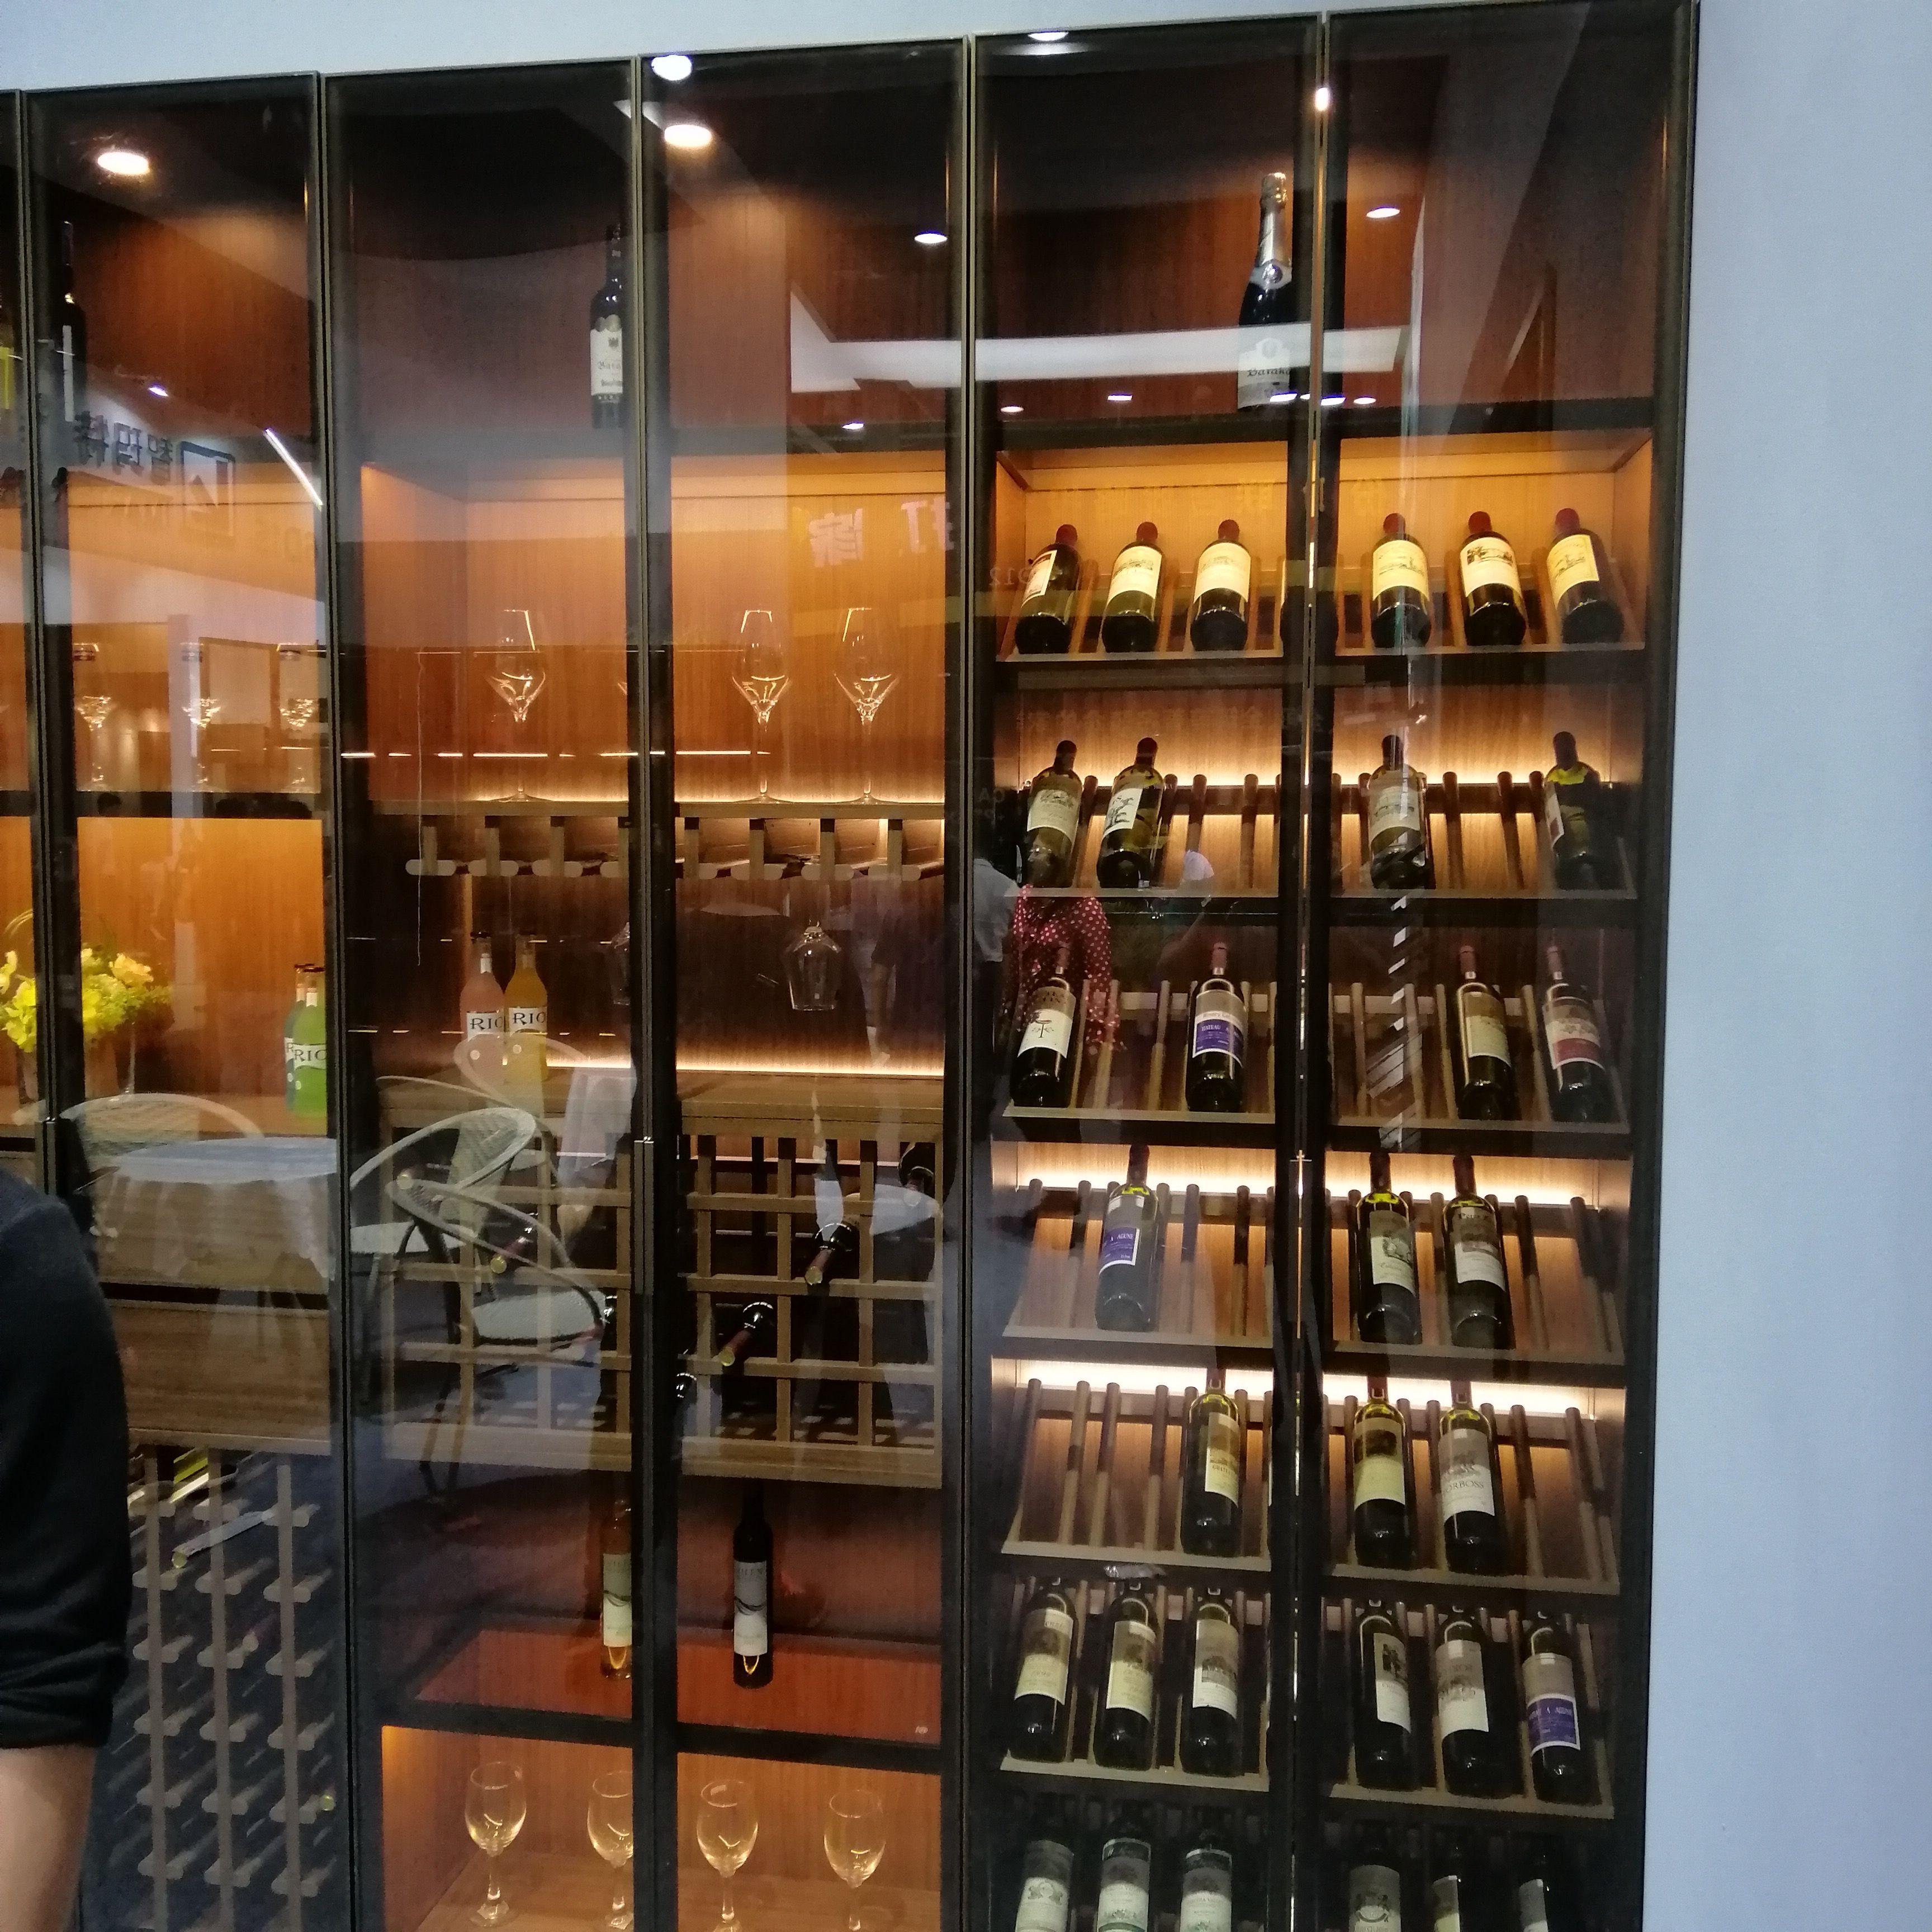 佛山豪華定制不銹鋼酒柜 不銹鋼恒溫酒柜 紅酒柜